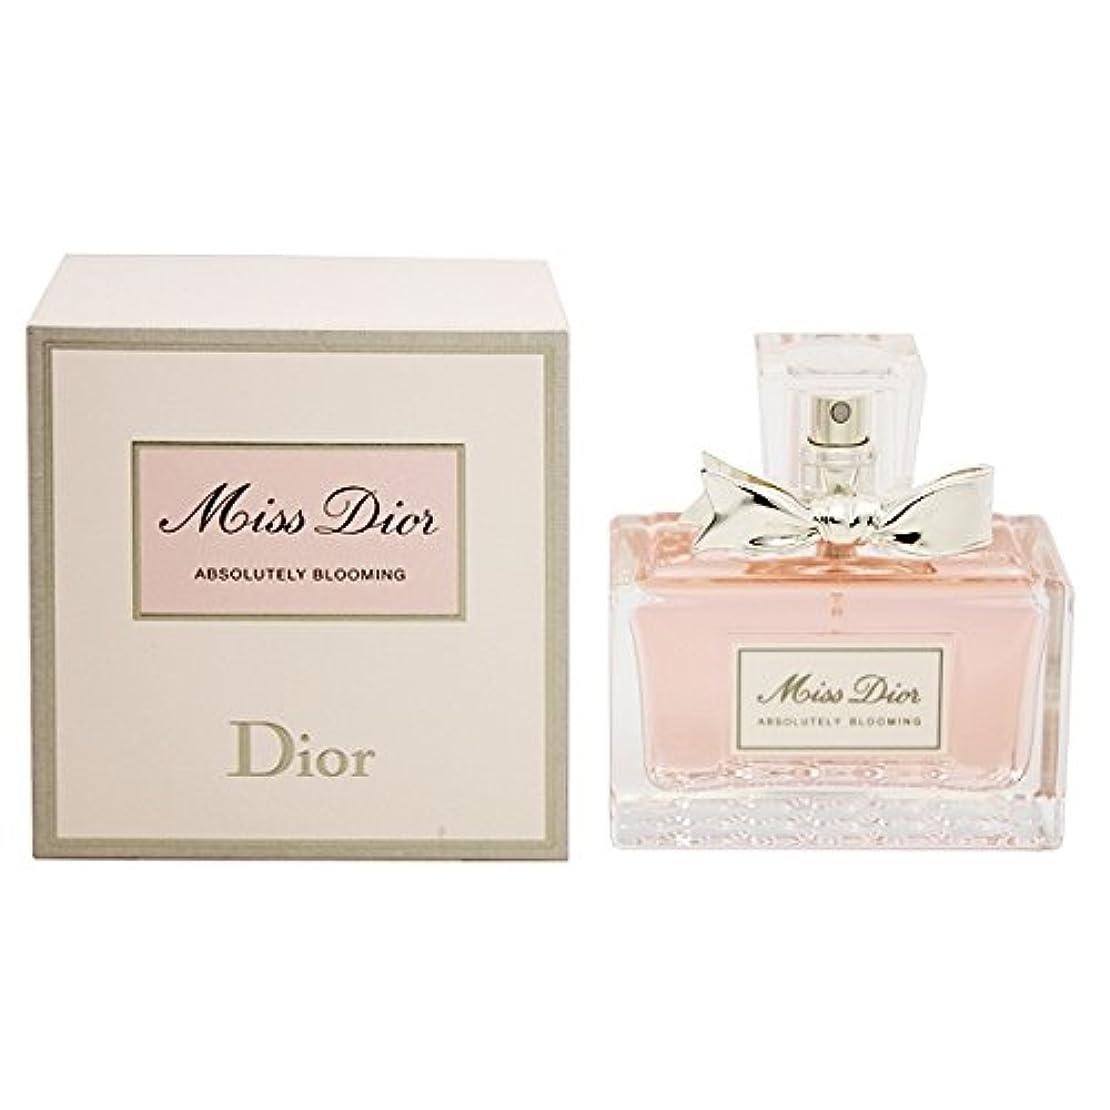 口チケットパイプクリスチャン ディオール(Christian Dior) ミス ディオール アブソリュートリー ブルーミング 50ml[並行輸入品]